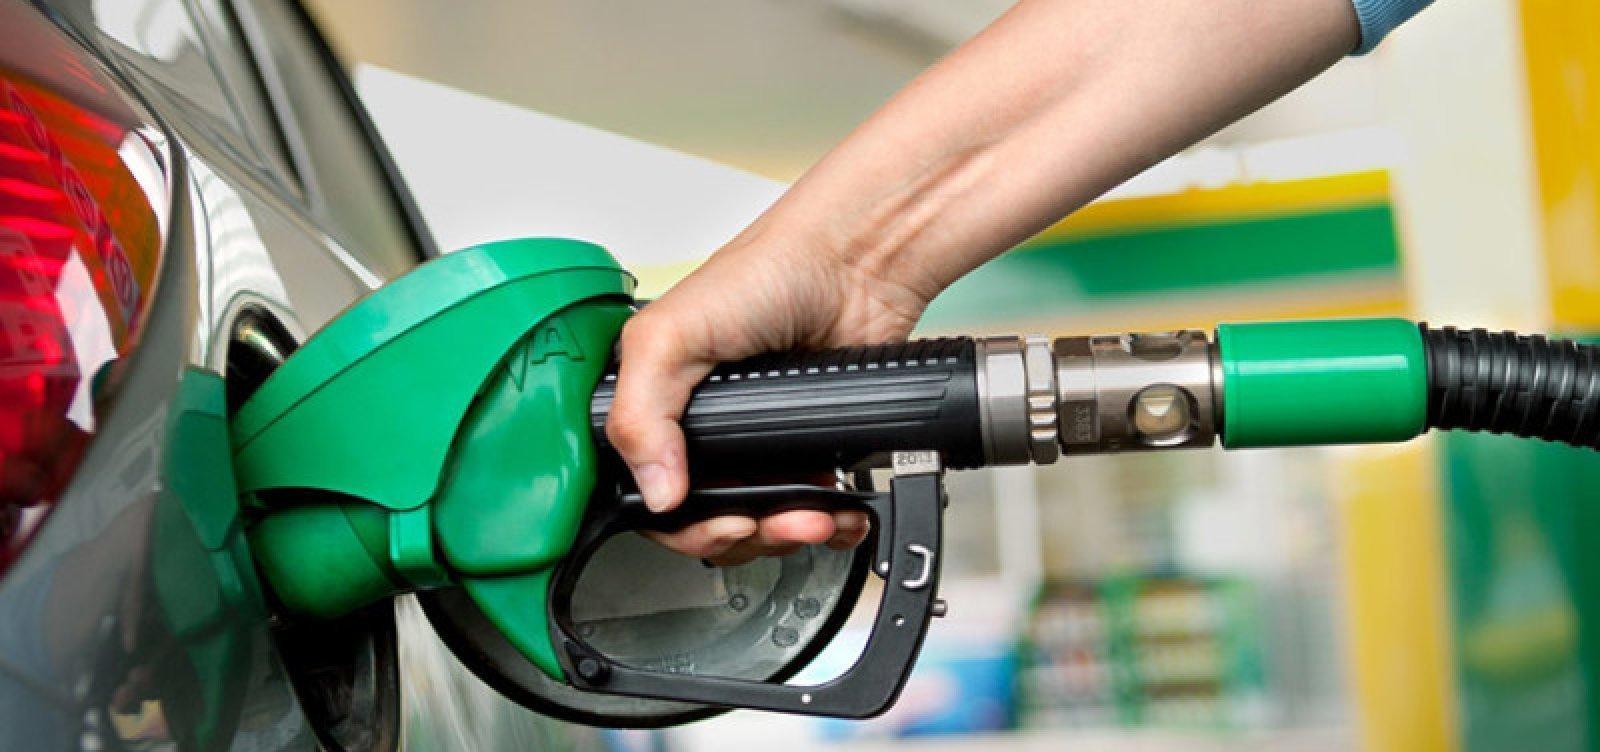 Agosto começa com aumento do diesel e da gasolina nas bombas de combustível